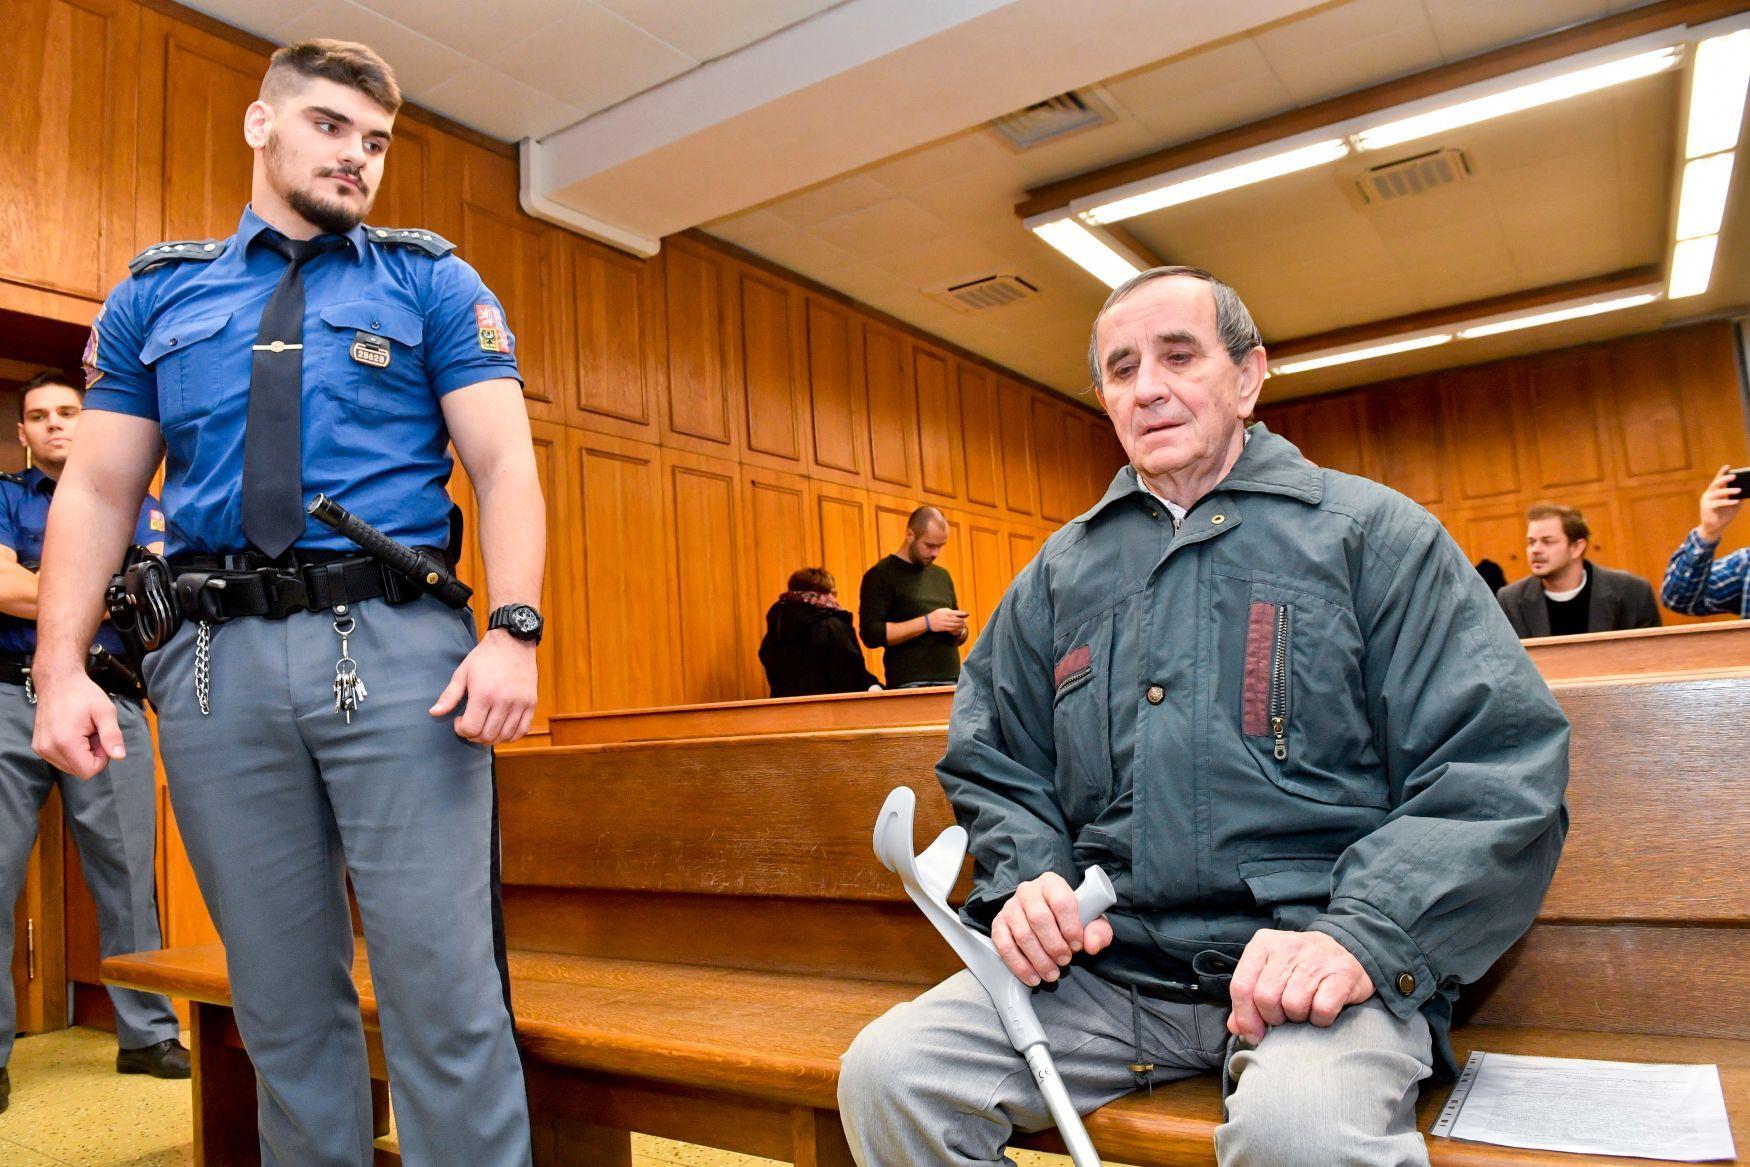 Krajský soud v Praze začal 7. ledna 2019 projednávat případ Jaromíra Baldy (vpravo), který čelí obžalobě z teroristického útoku a z vyhrožování teroristickým trestným činem. Podle kriminalistů pokácel dva stromy na železniční tratě a šířil výhrůžné letáky.